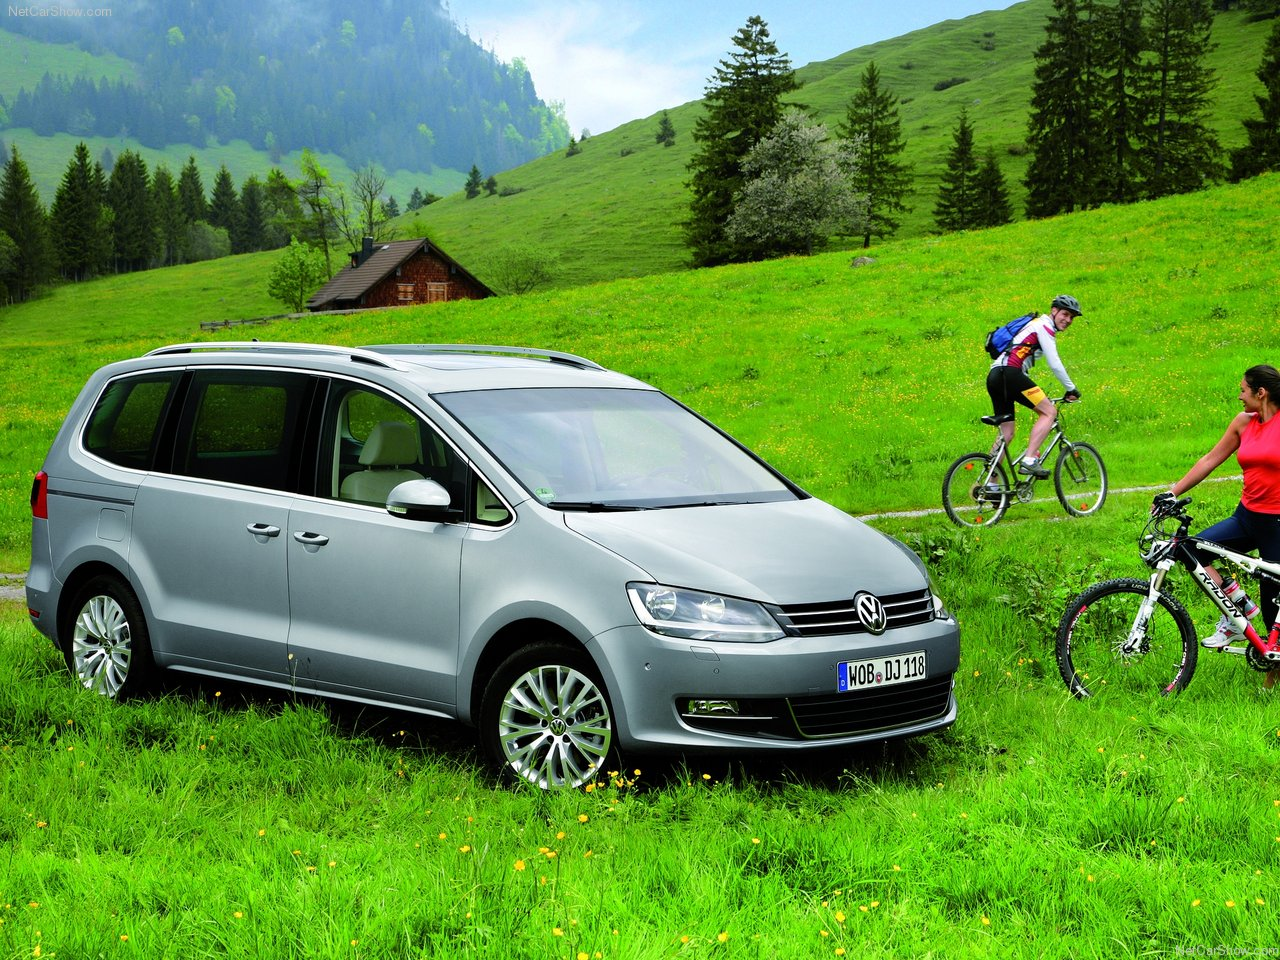 Family Car 2011 Volkswagen Sharan